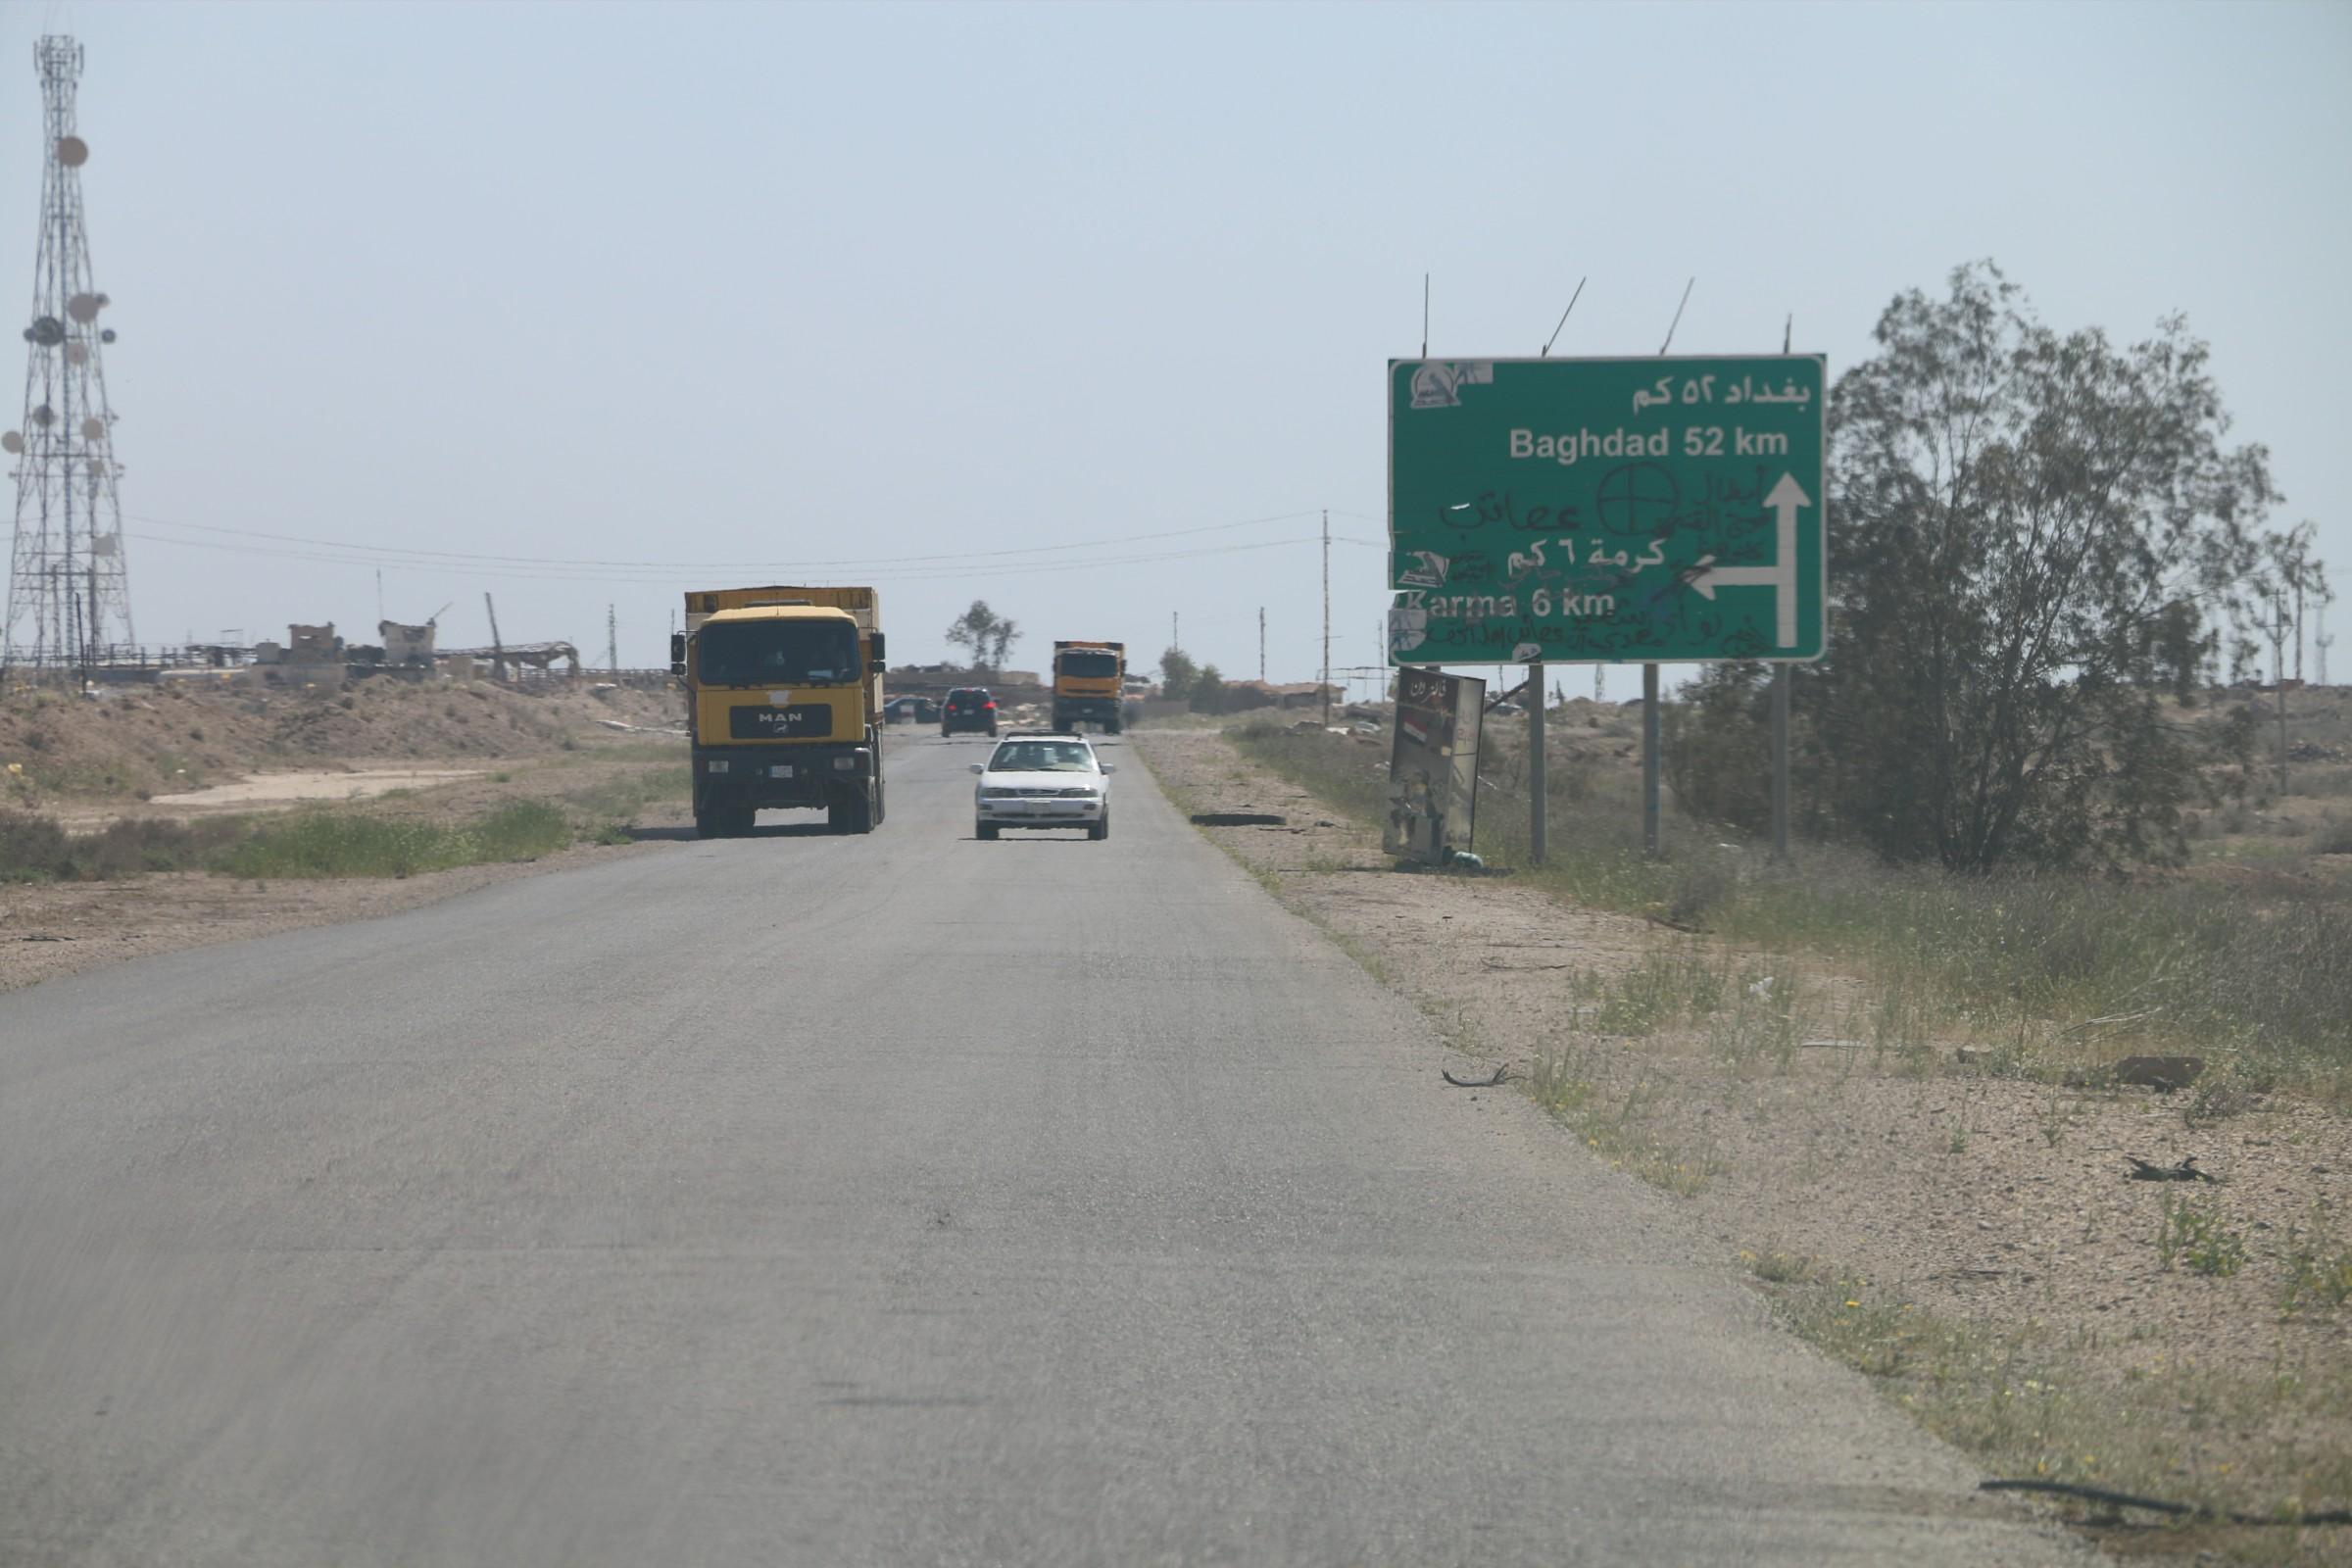 الكرمة يناشد وزارة الكهرباء بتزويد مناطق القضاء الفقيرة بالمحولات